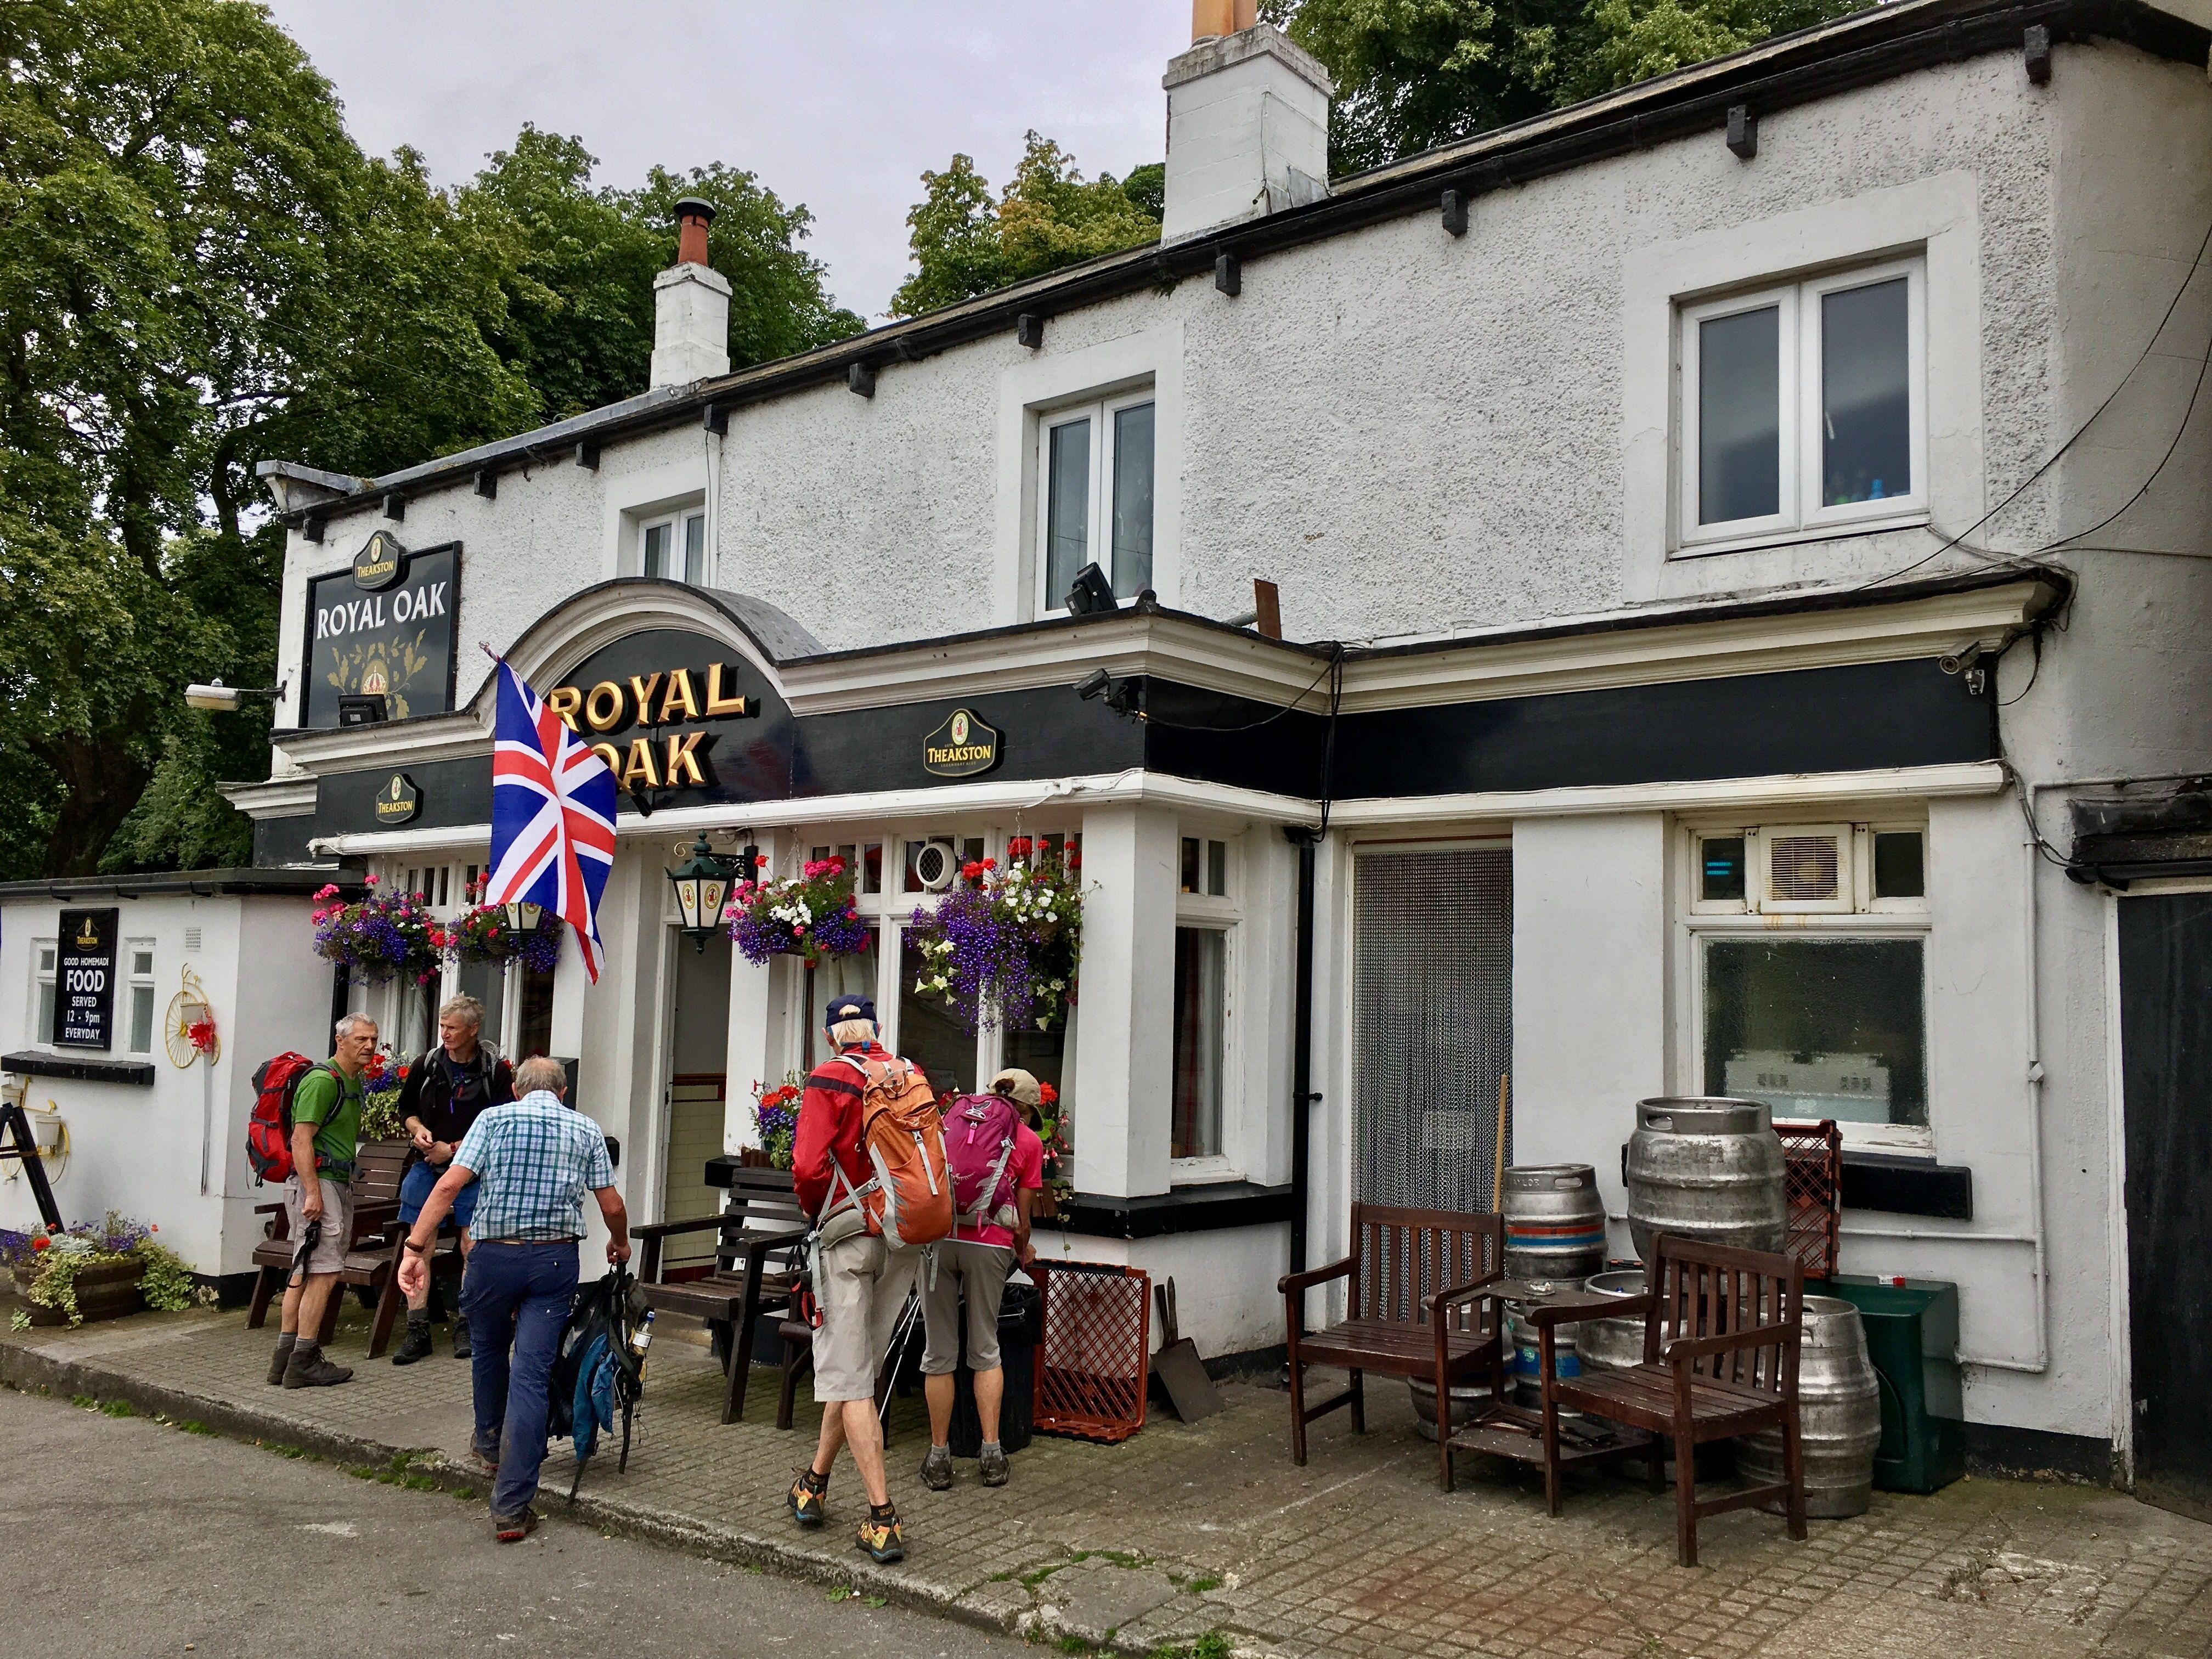 Royal Oak Pateley Bridge | Public house, Pub, Street view